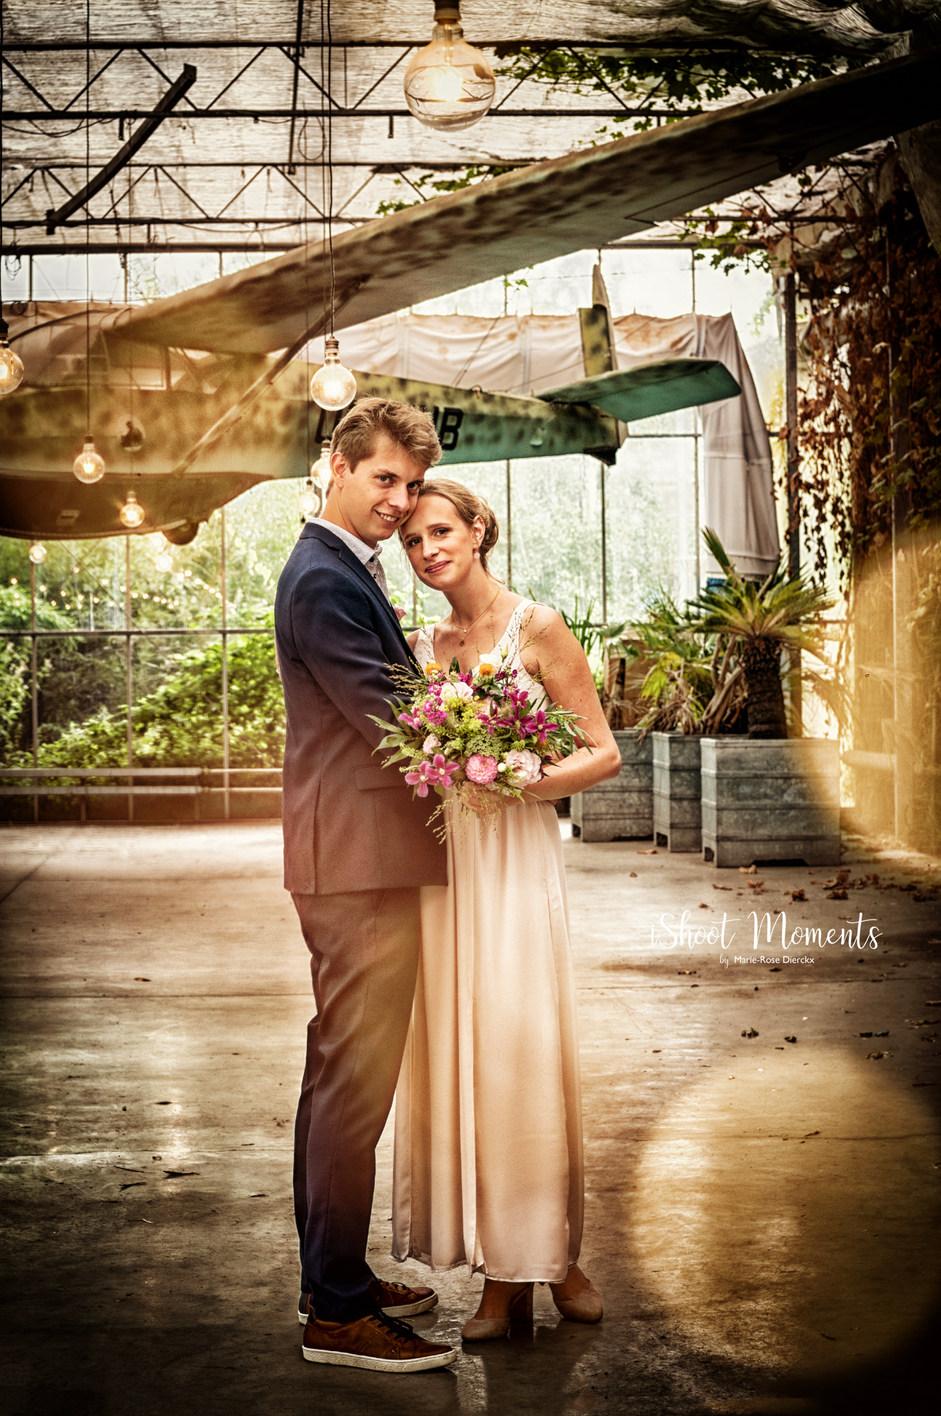 Fotograaf uit ekeren voor trouwfoto's